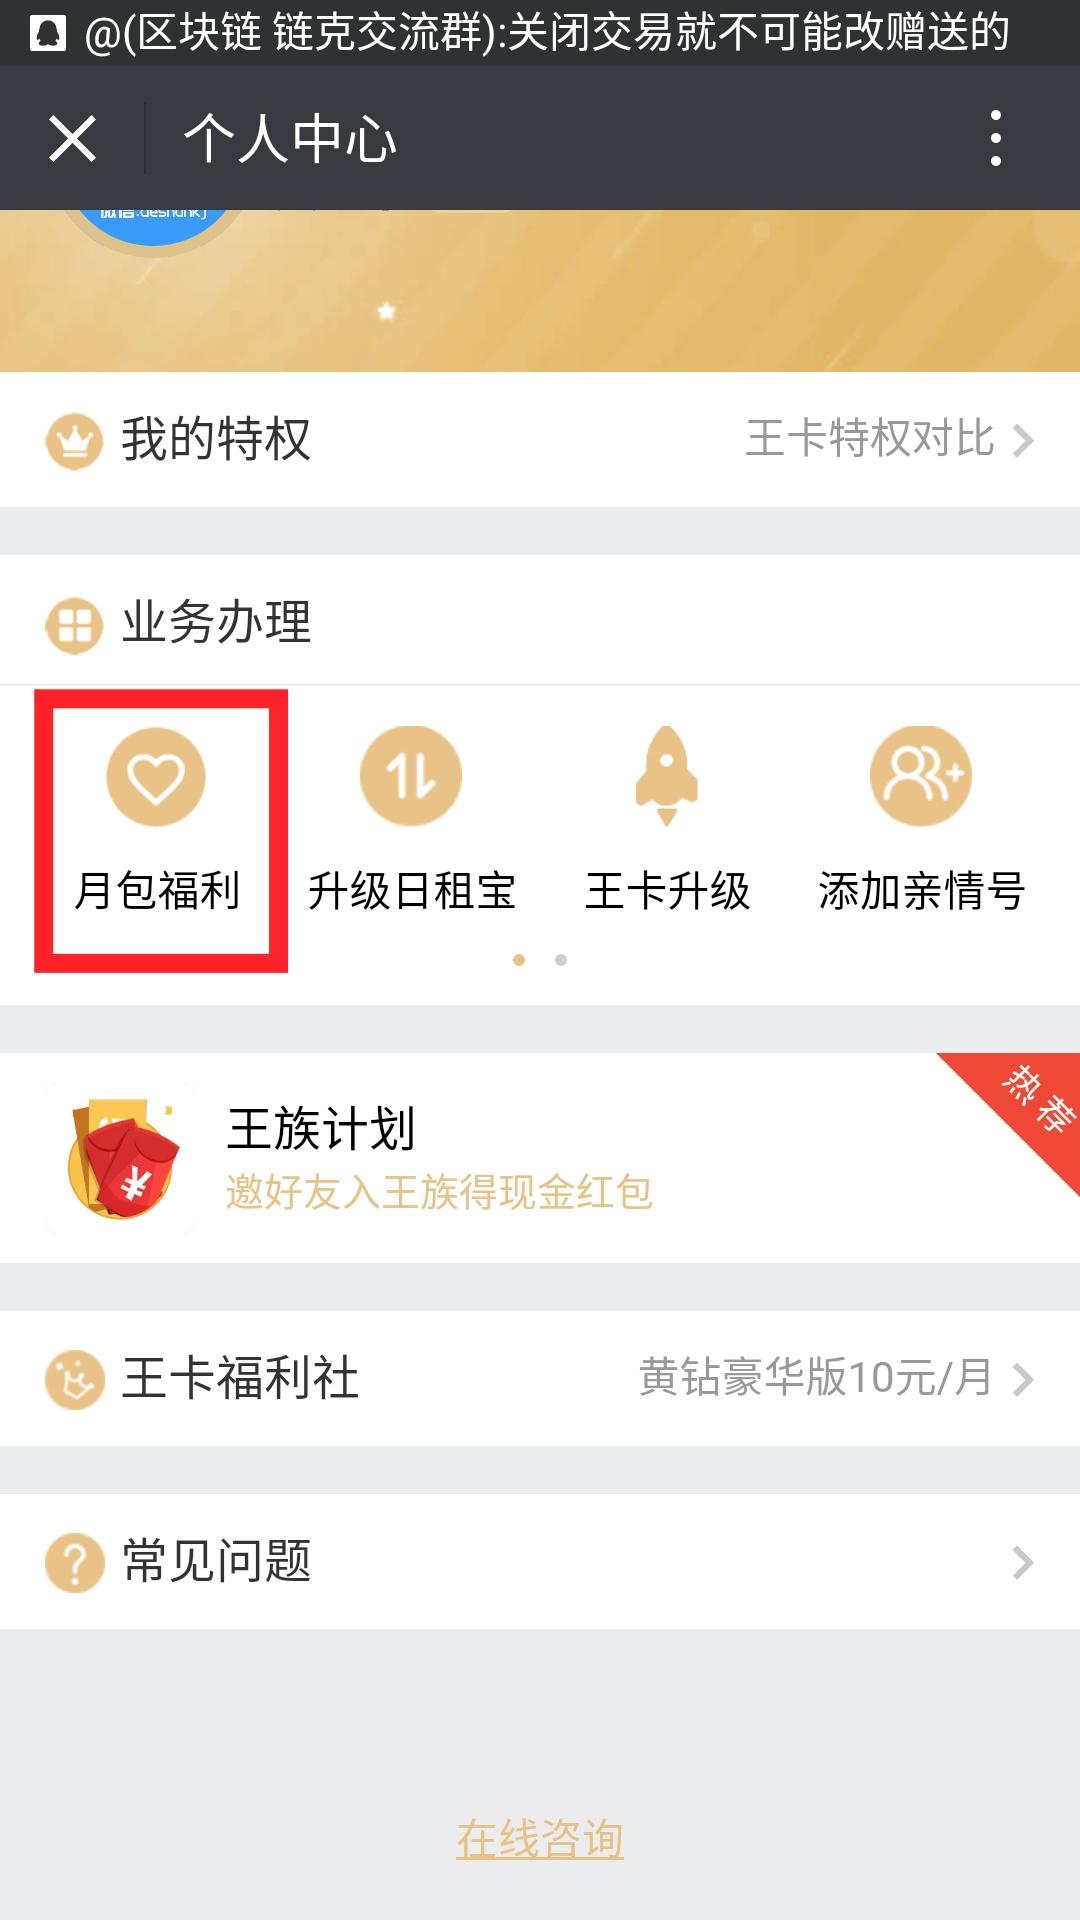 腾讯王卡福利再升级:每月免费送流量/通话